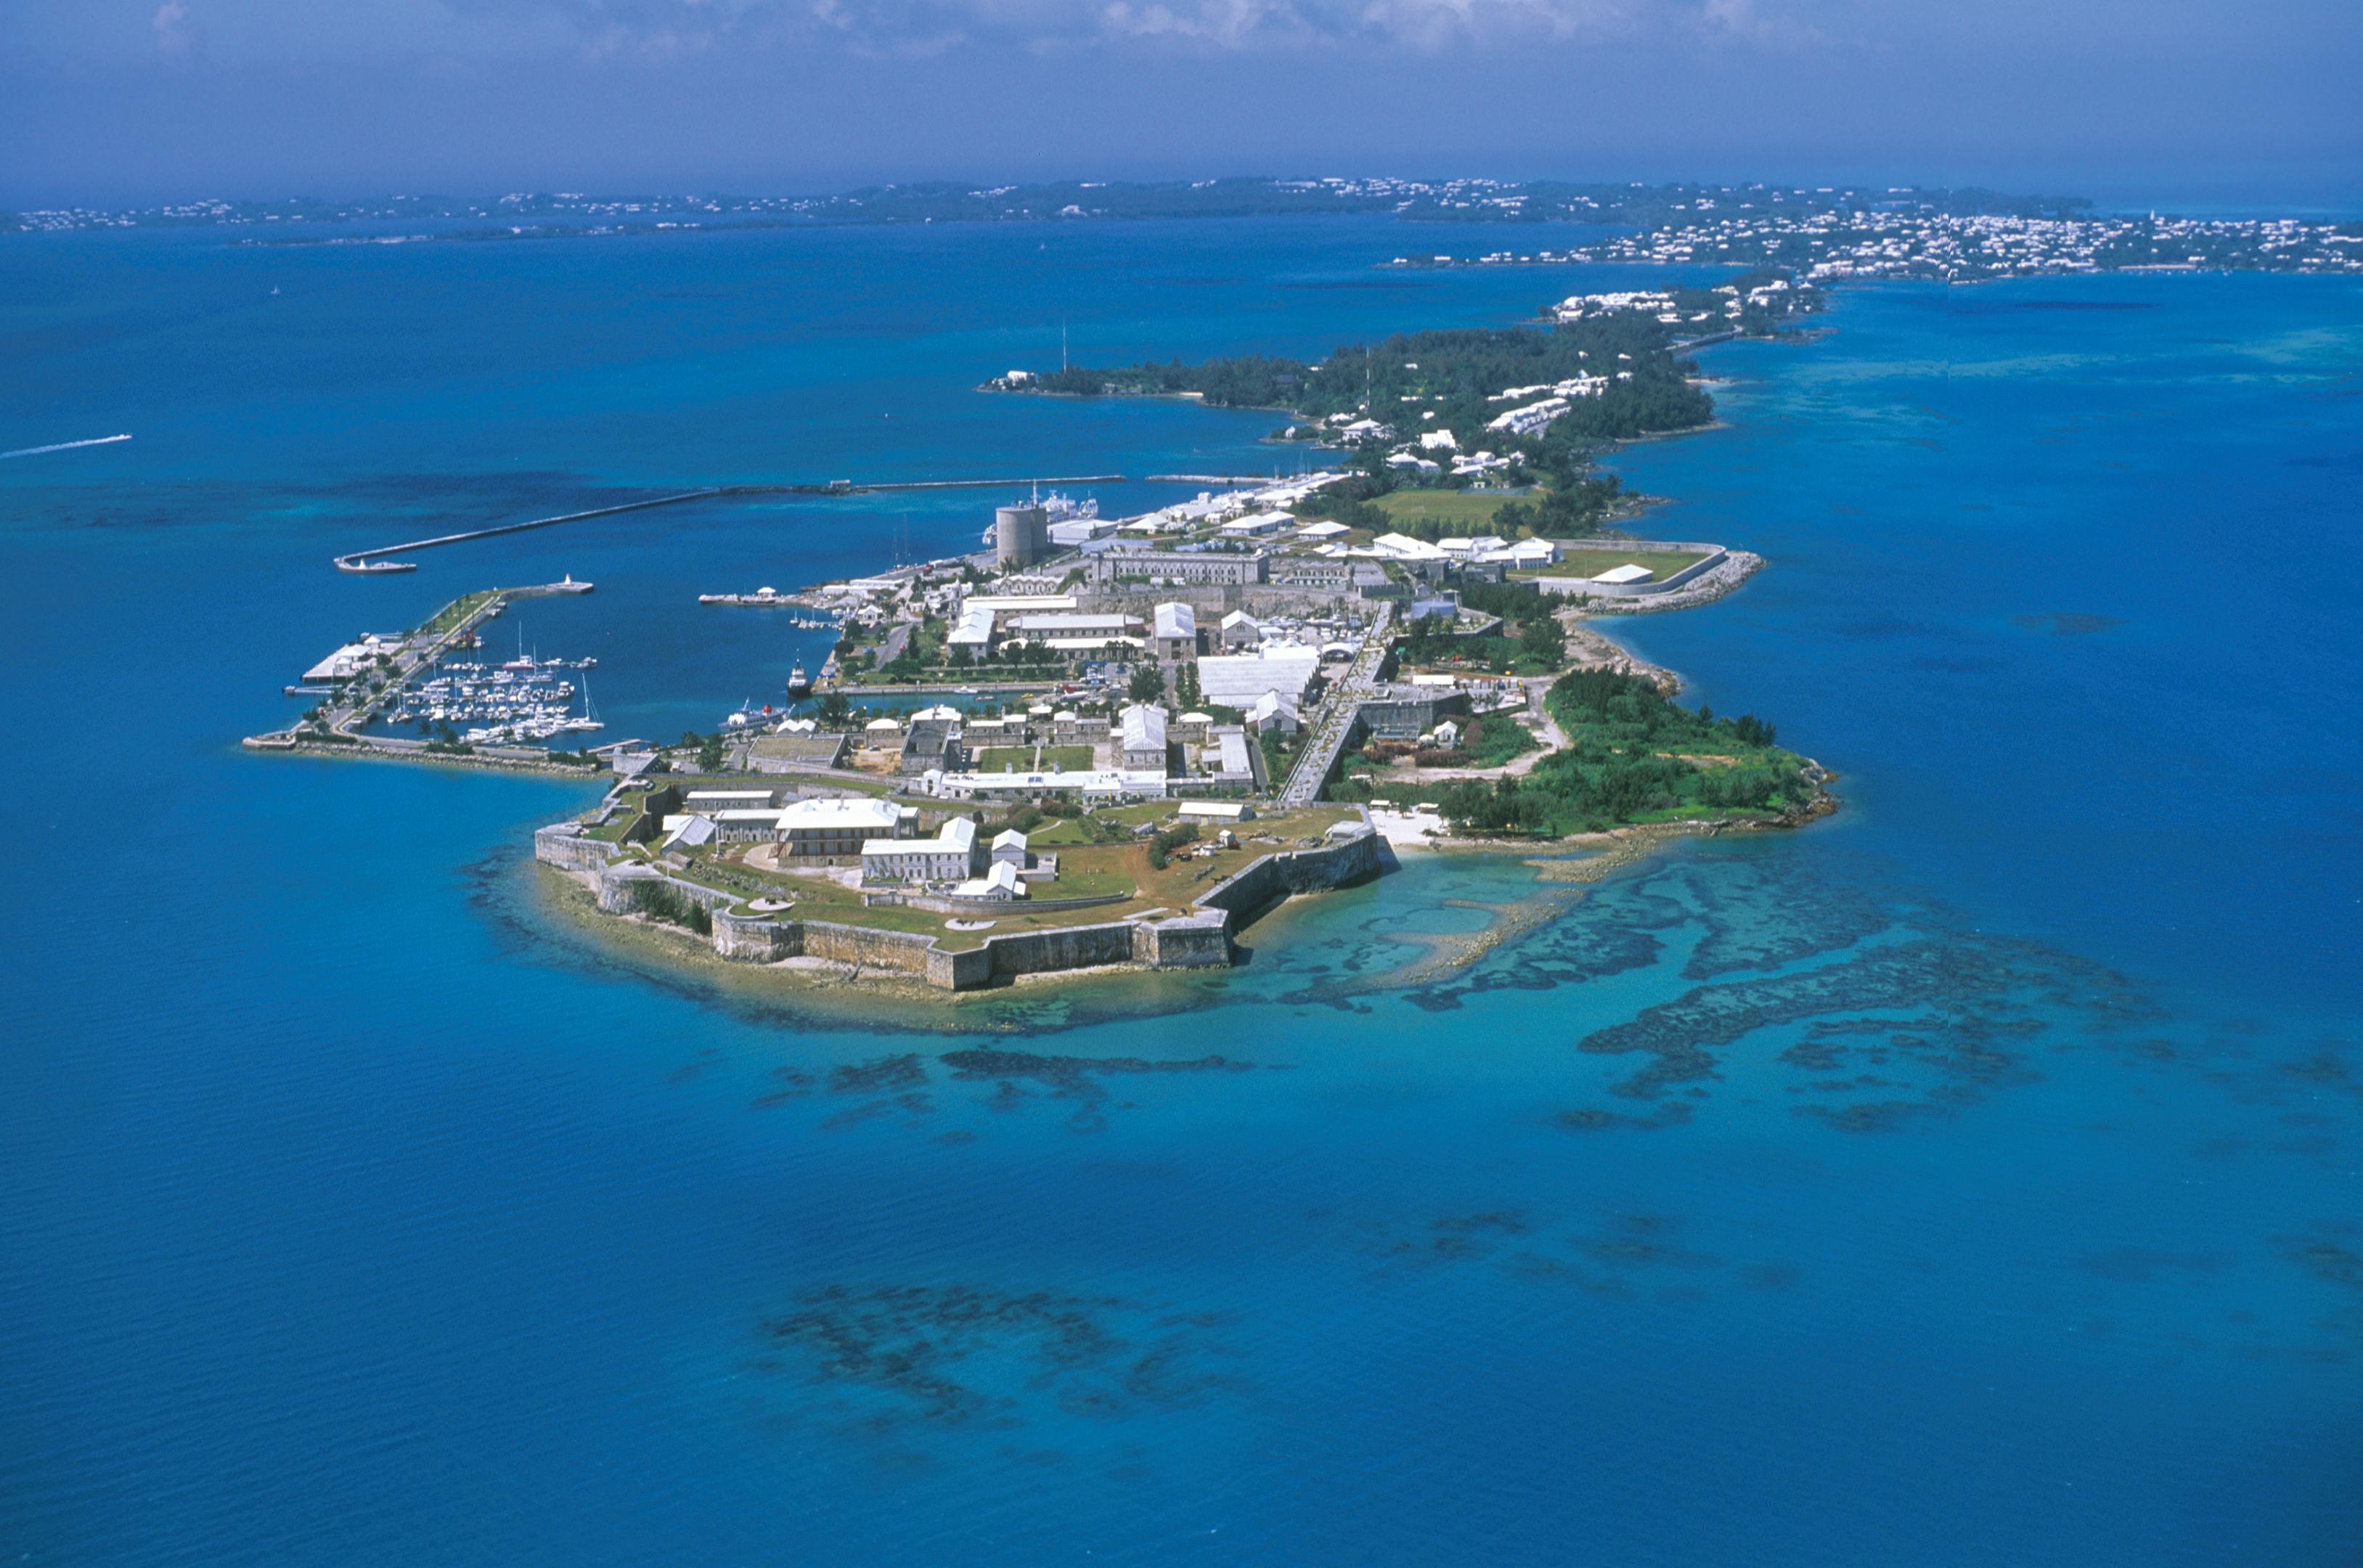 Royal Naval Dockyard, Bermuda